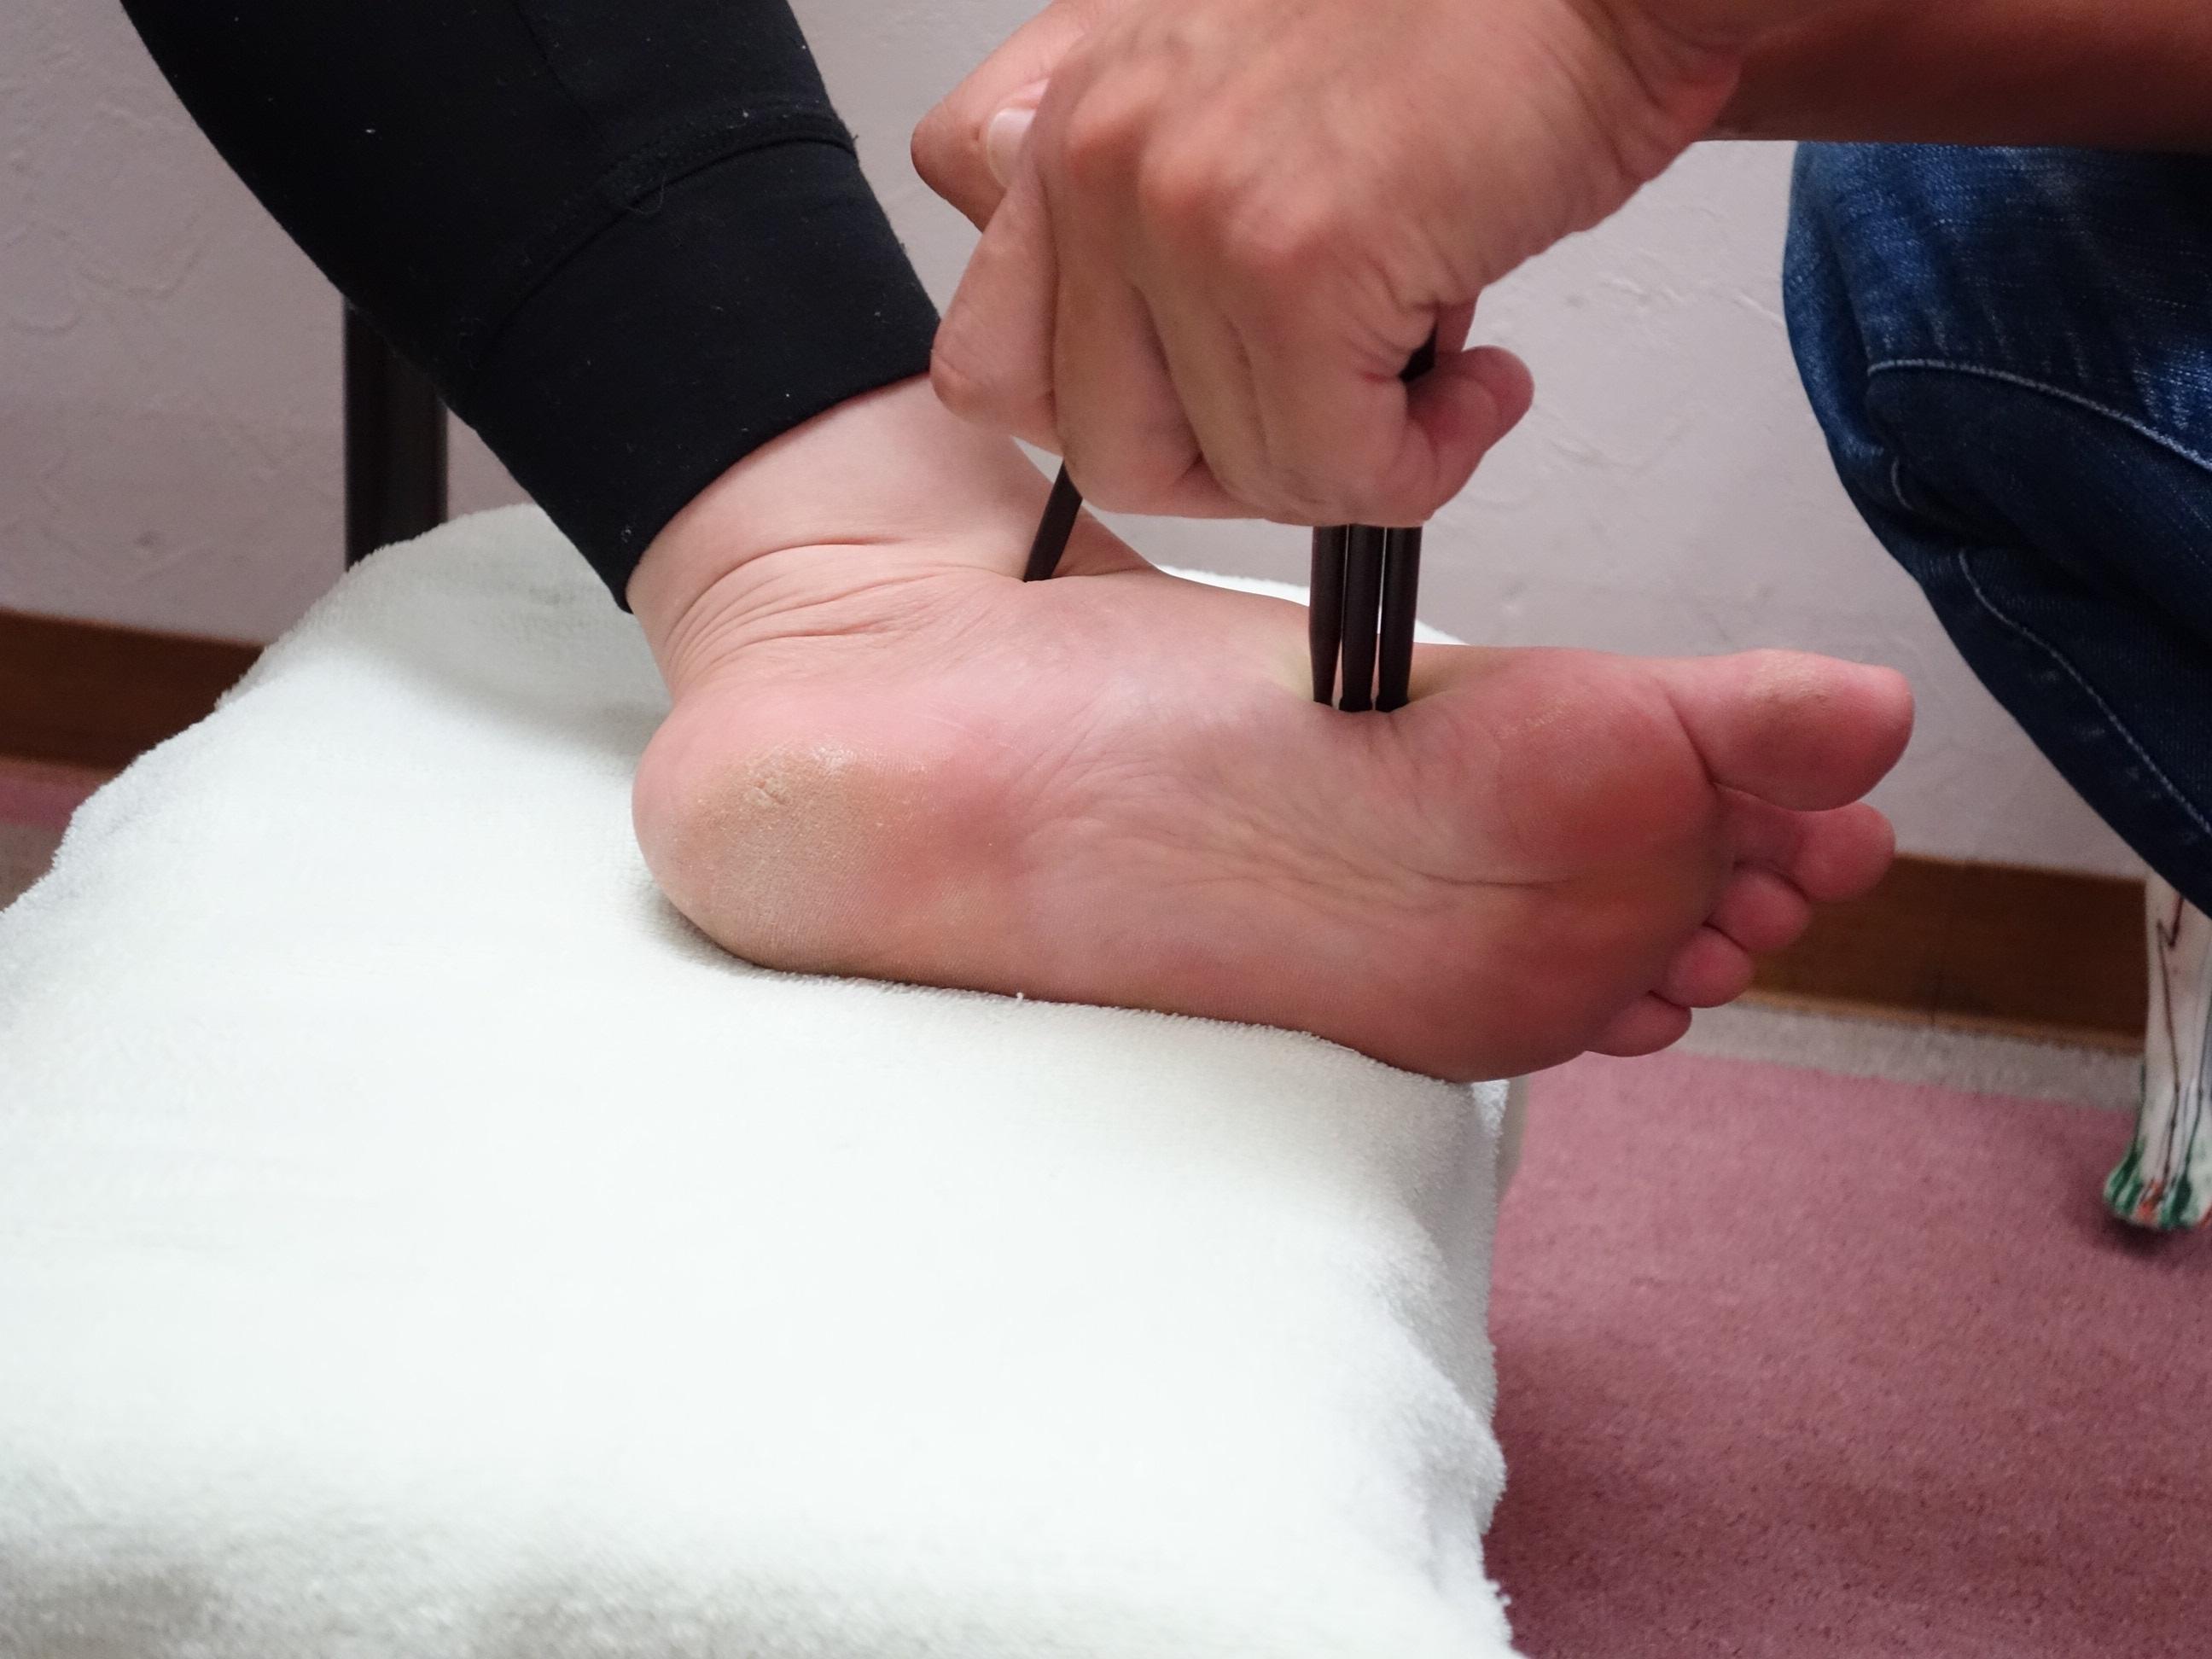 腱鞘炎の治療を遠絡(えんらく)療法で治療している写真